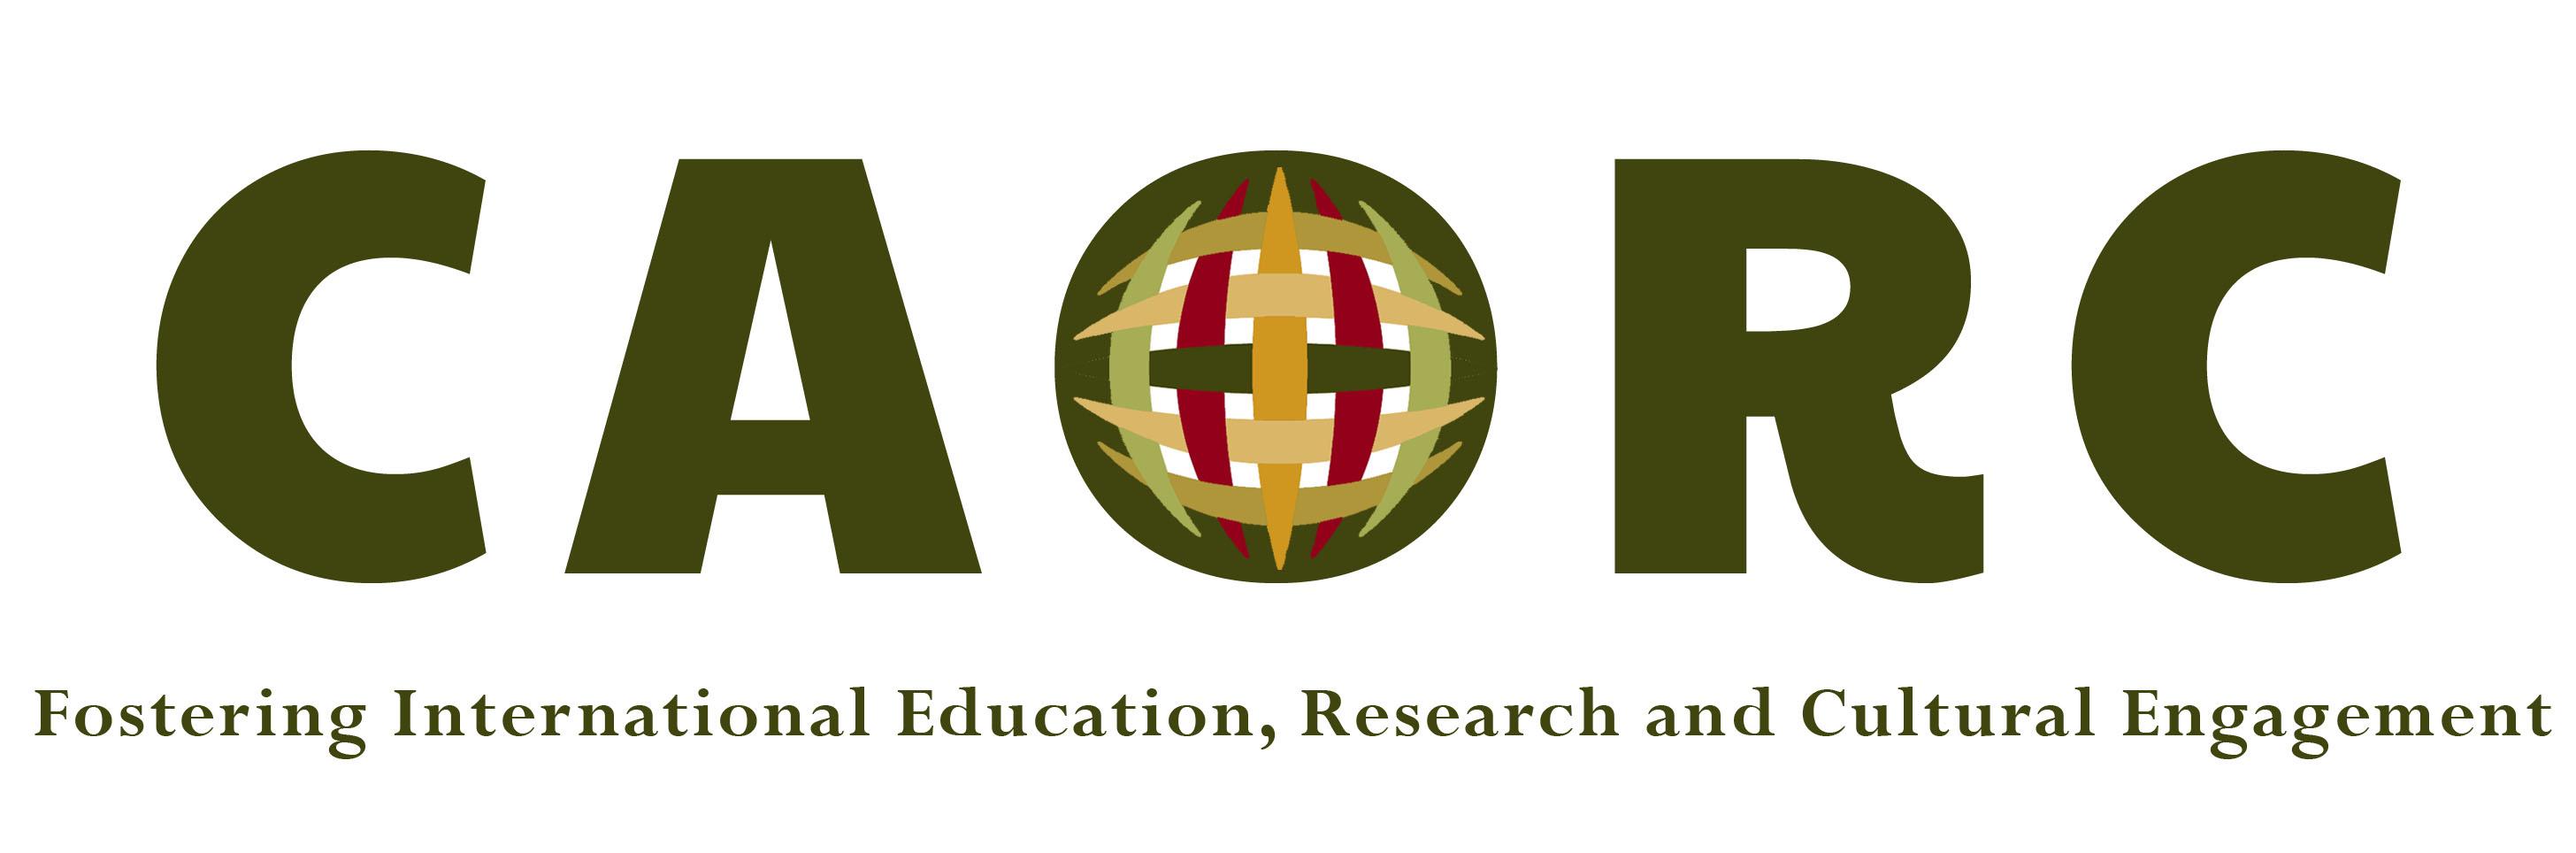 CAORC Logo